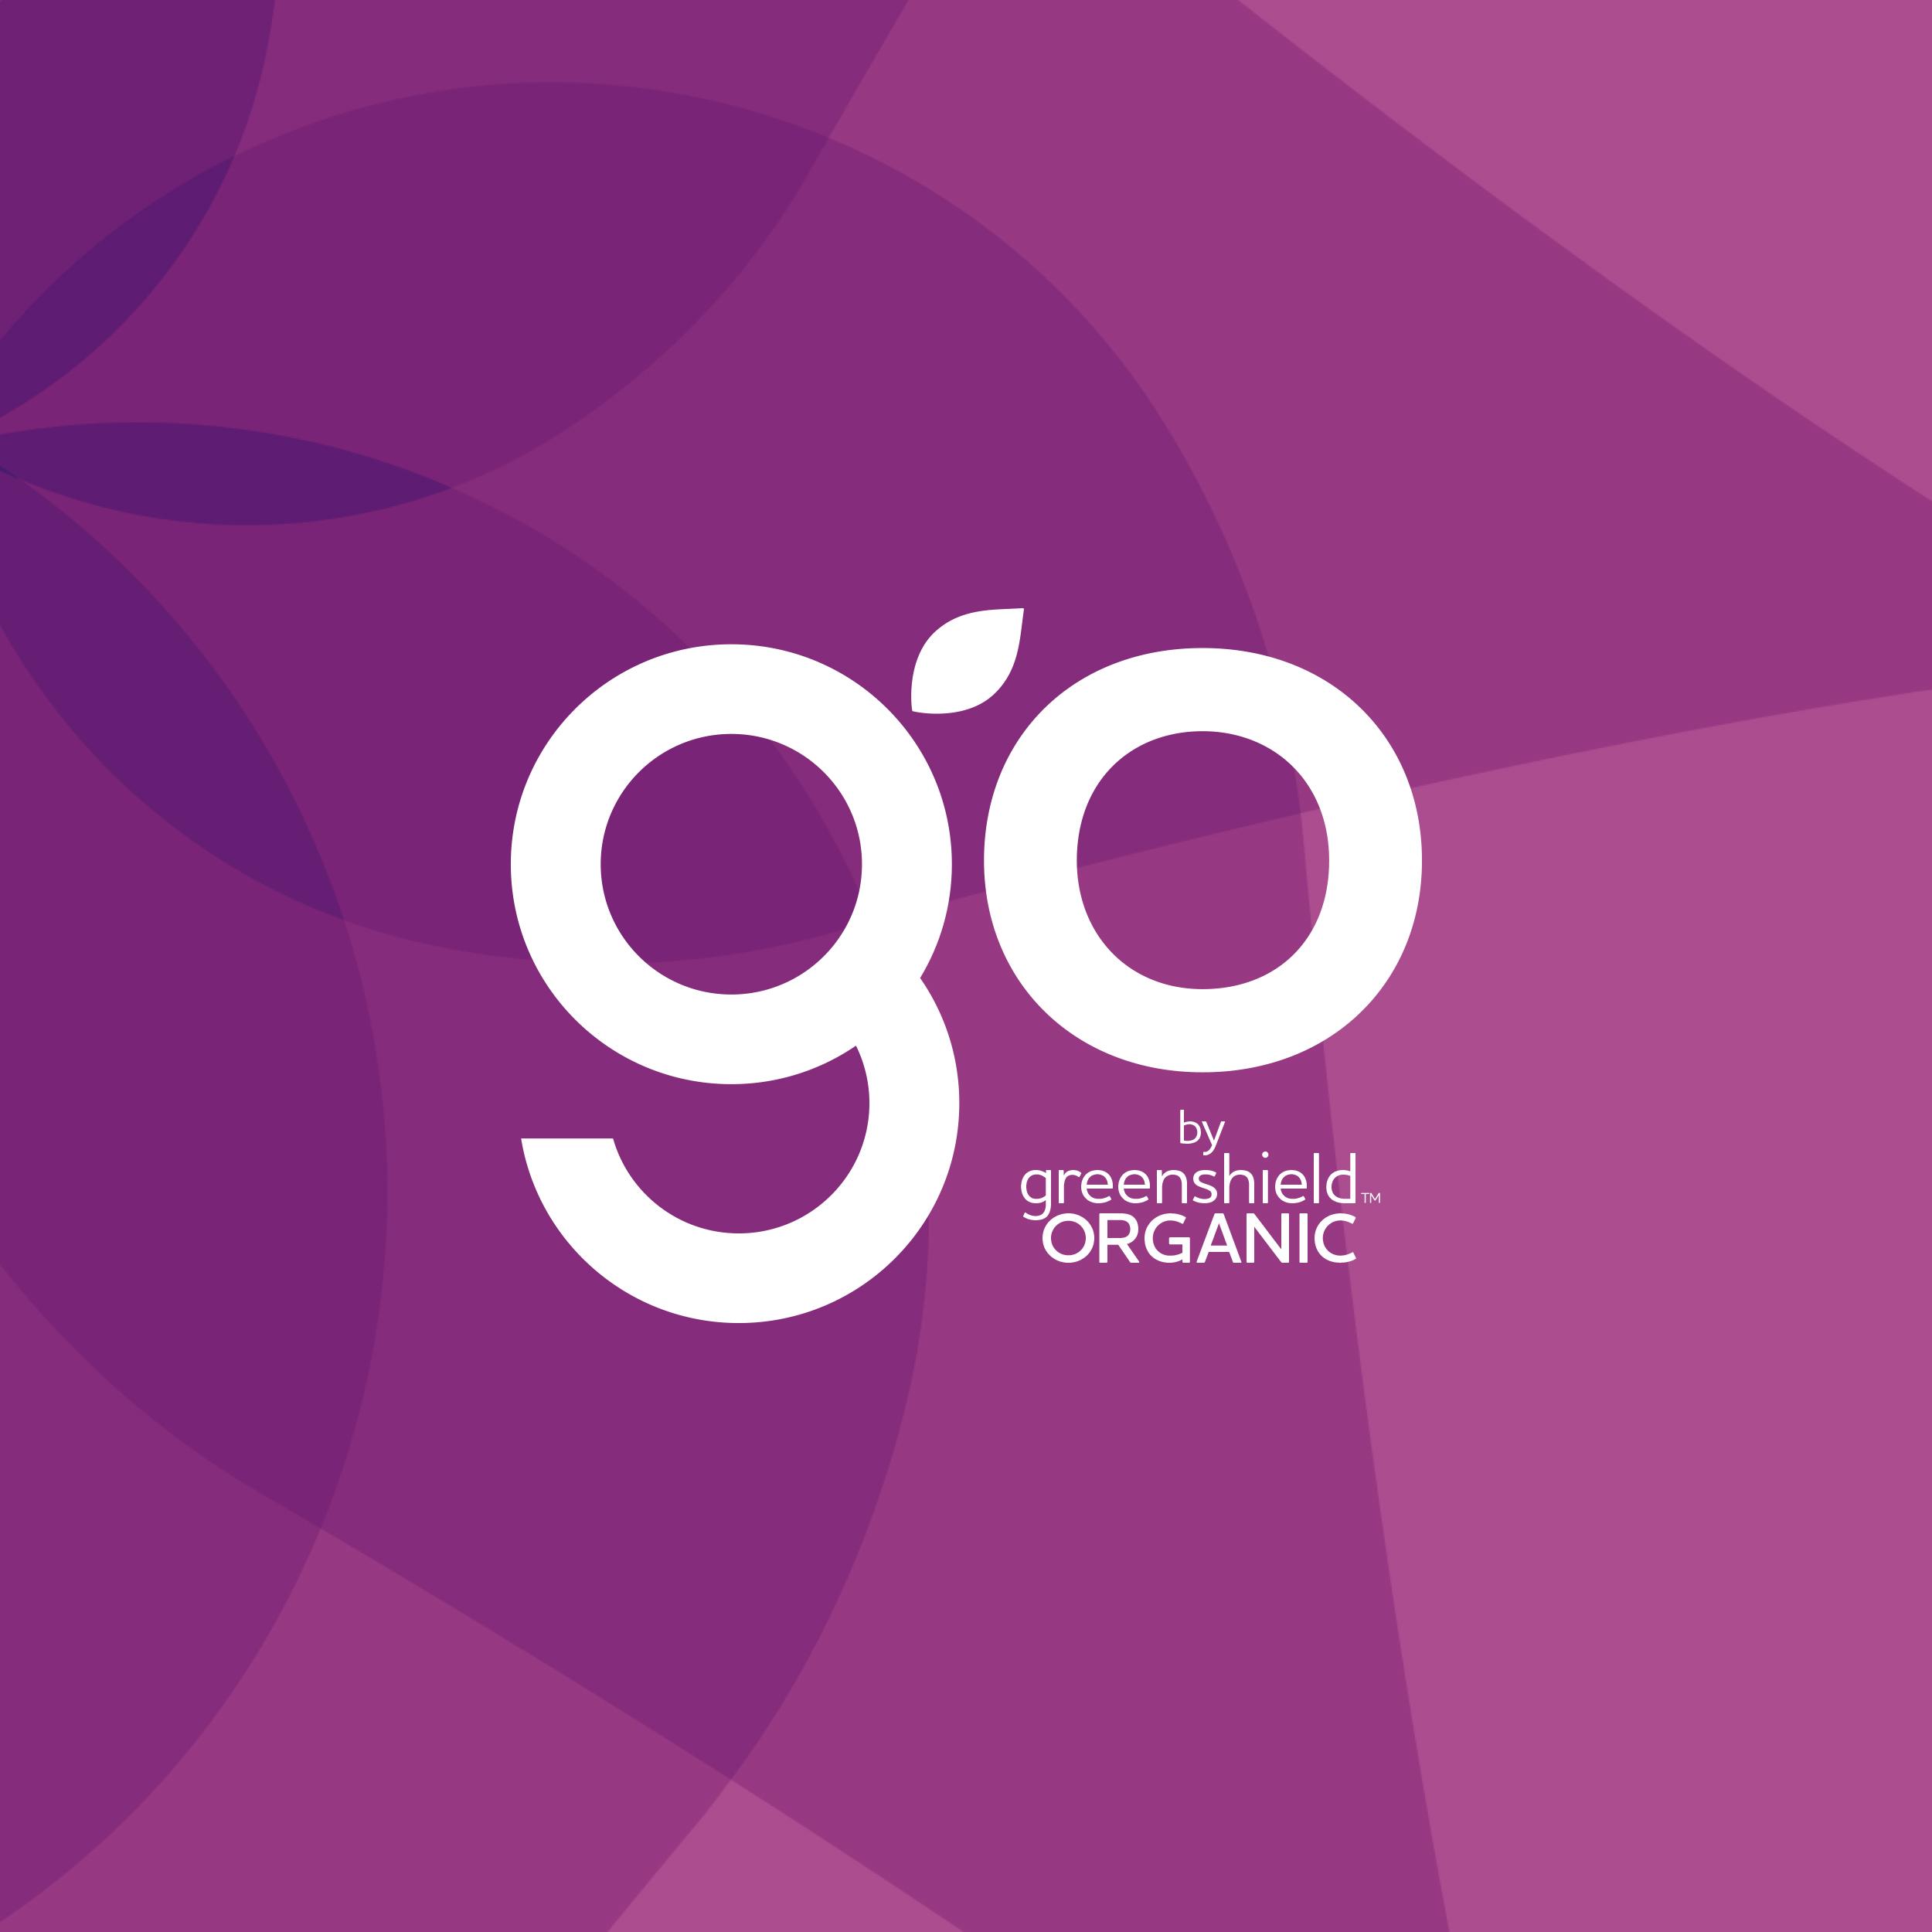 Greenshied Organic—Rebranding